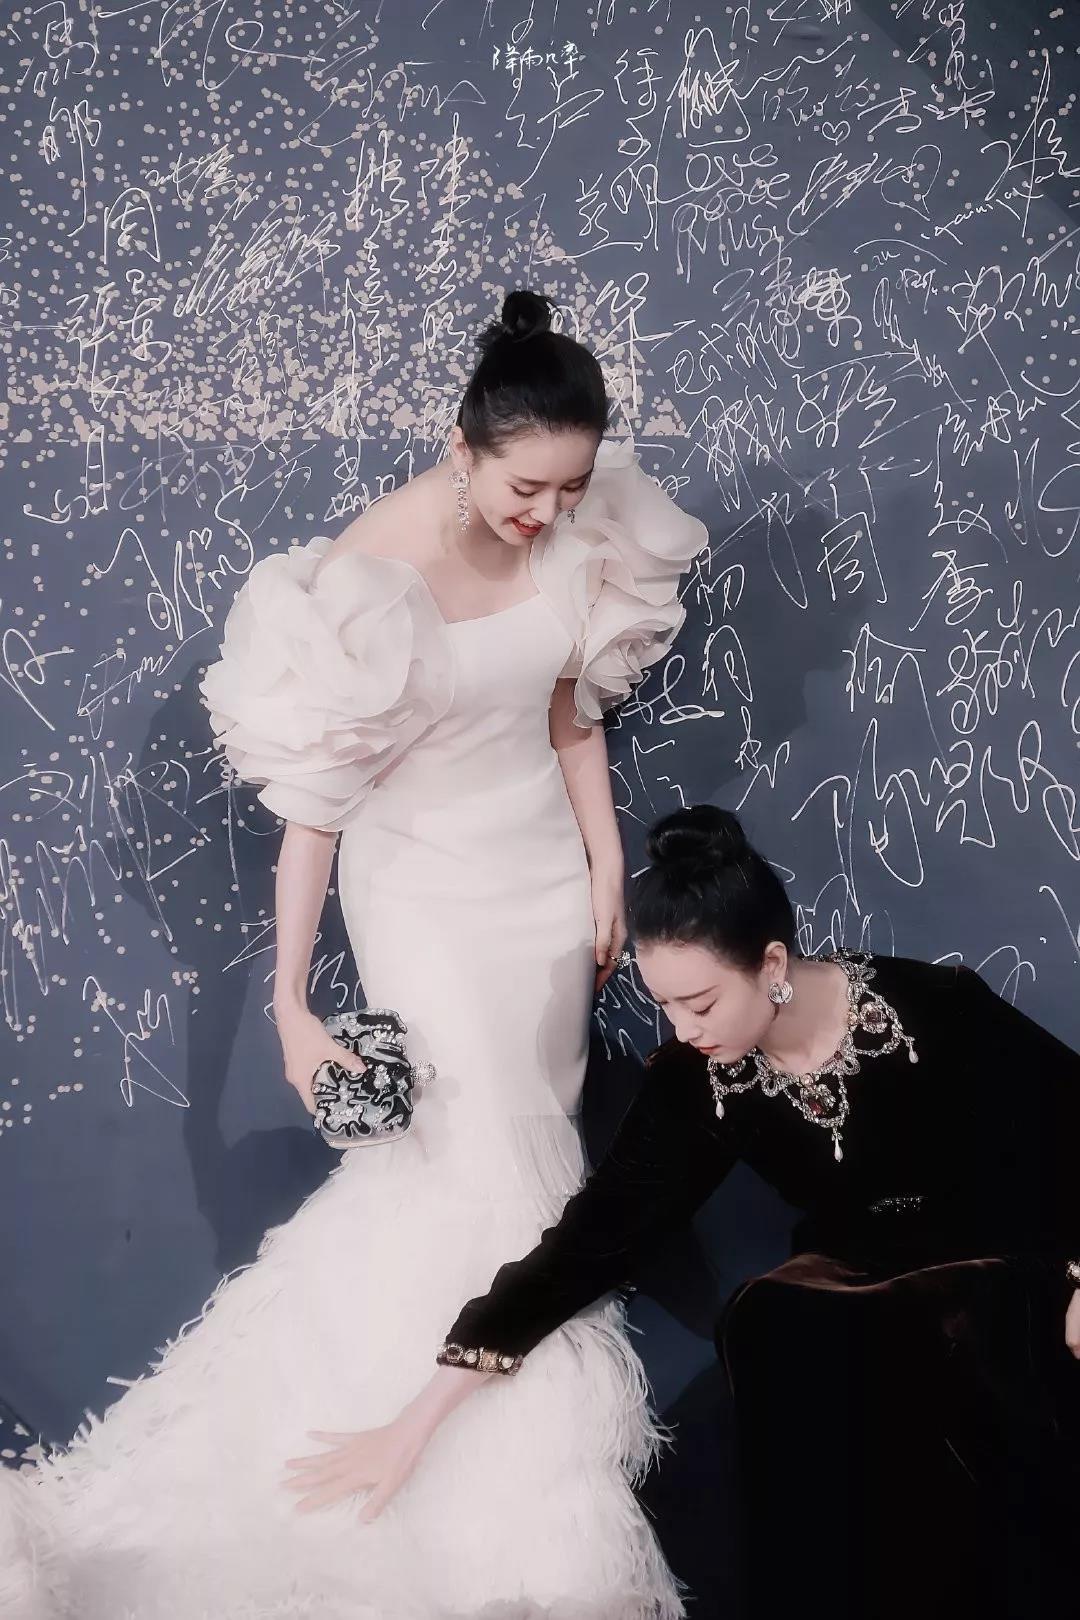 刘诗诗倪妮的女女cp,可以超越钟楚红张曼玉吗?